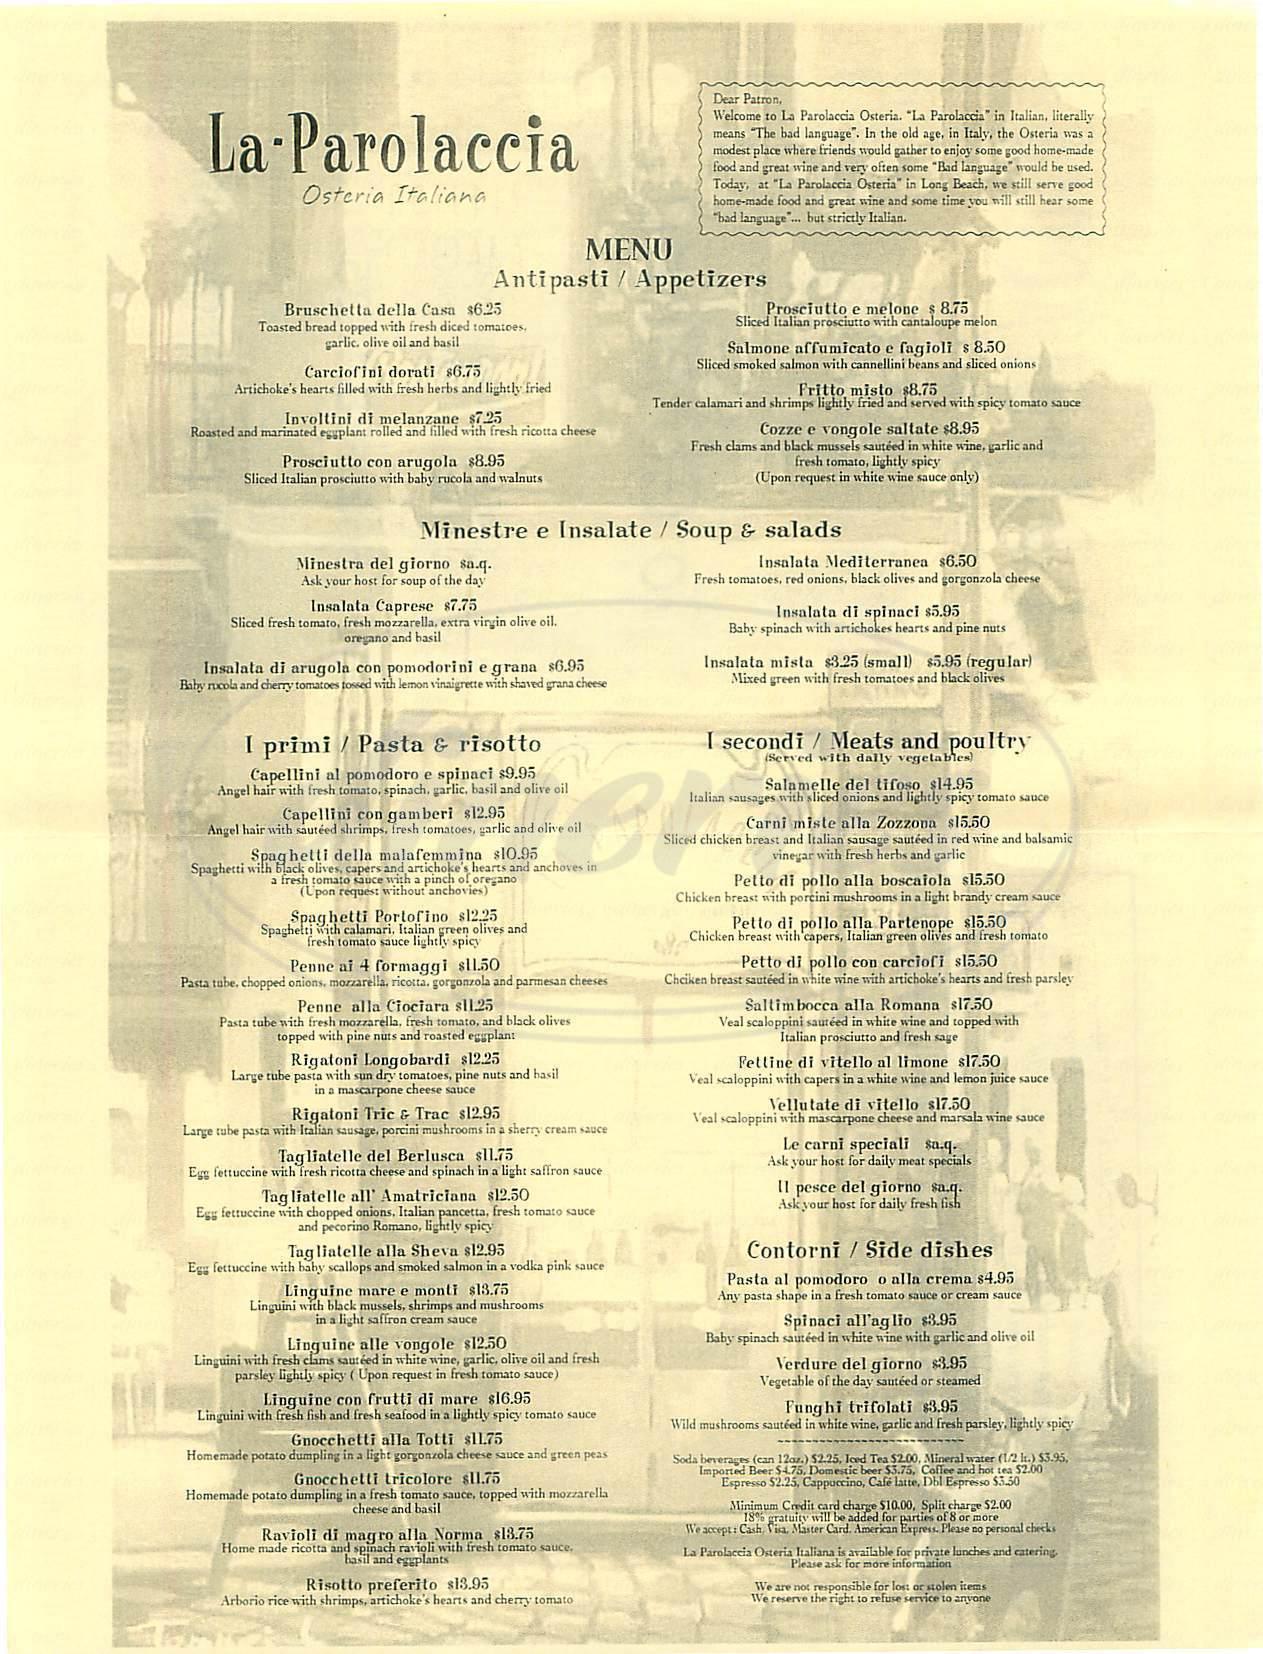 menu for La Parolaccia Osteria